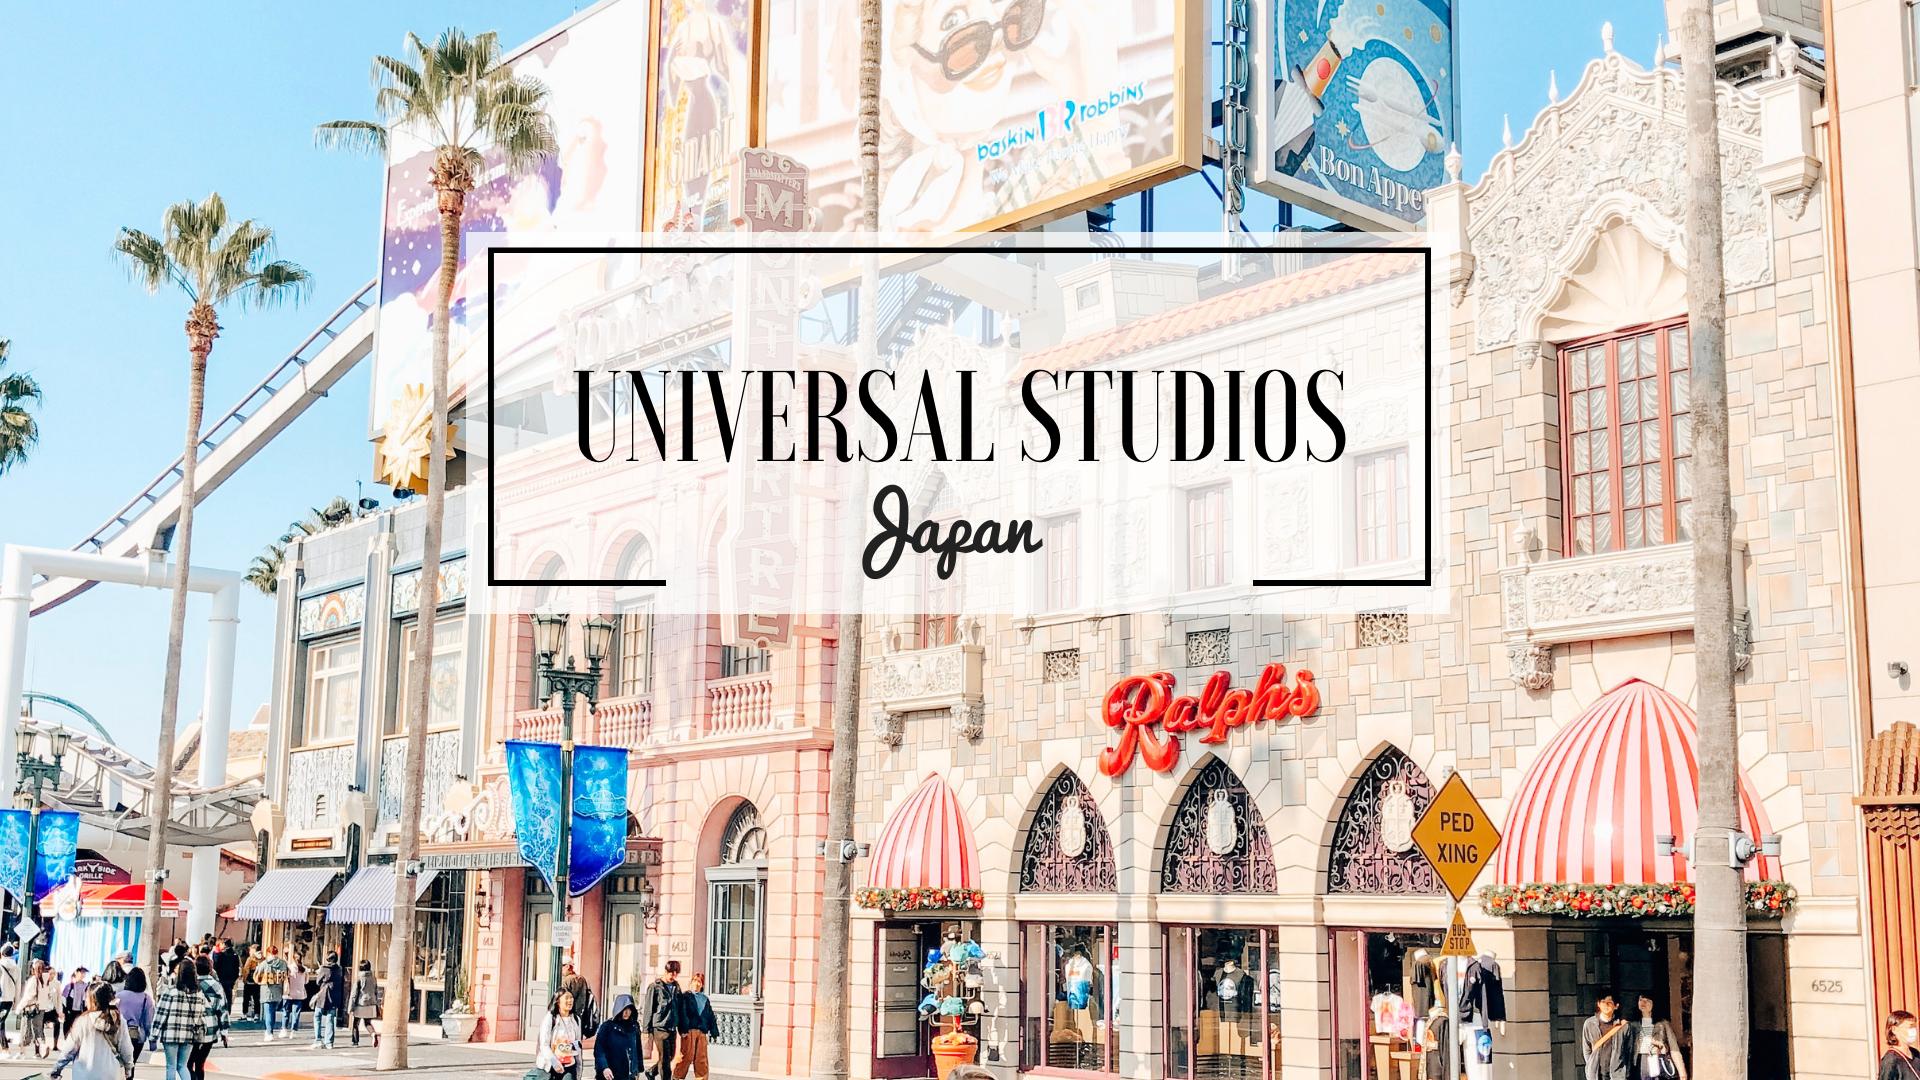 Universal Studios Japan Blog Post